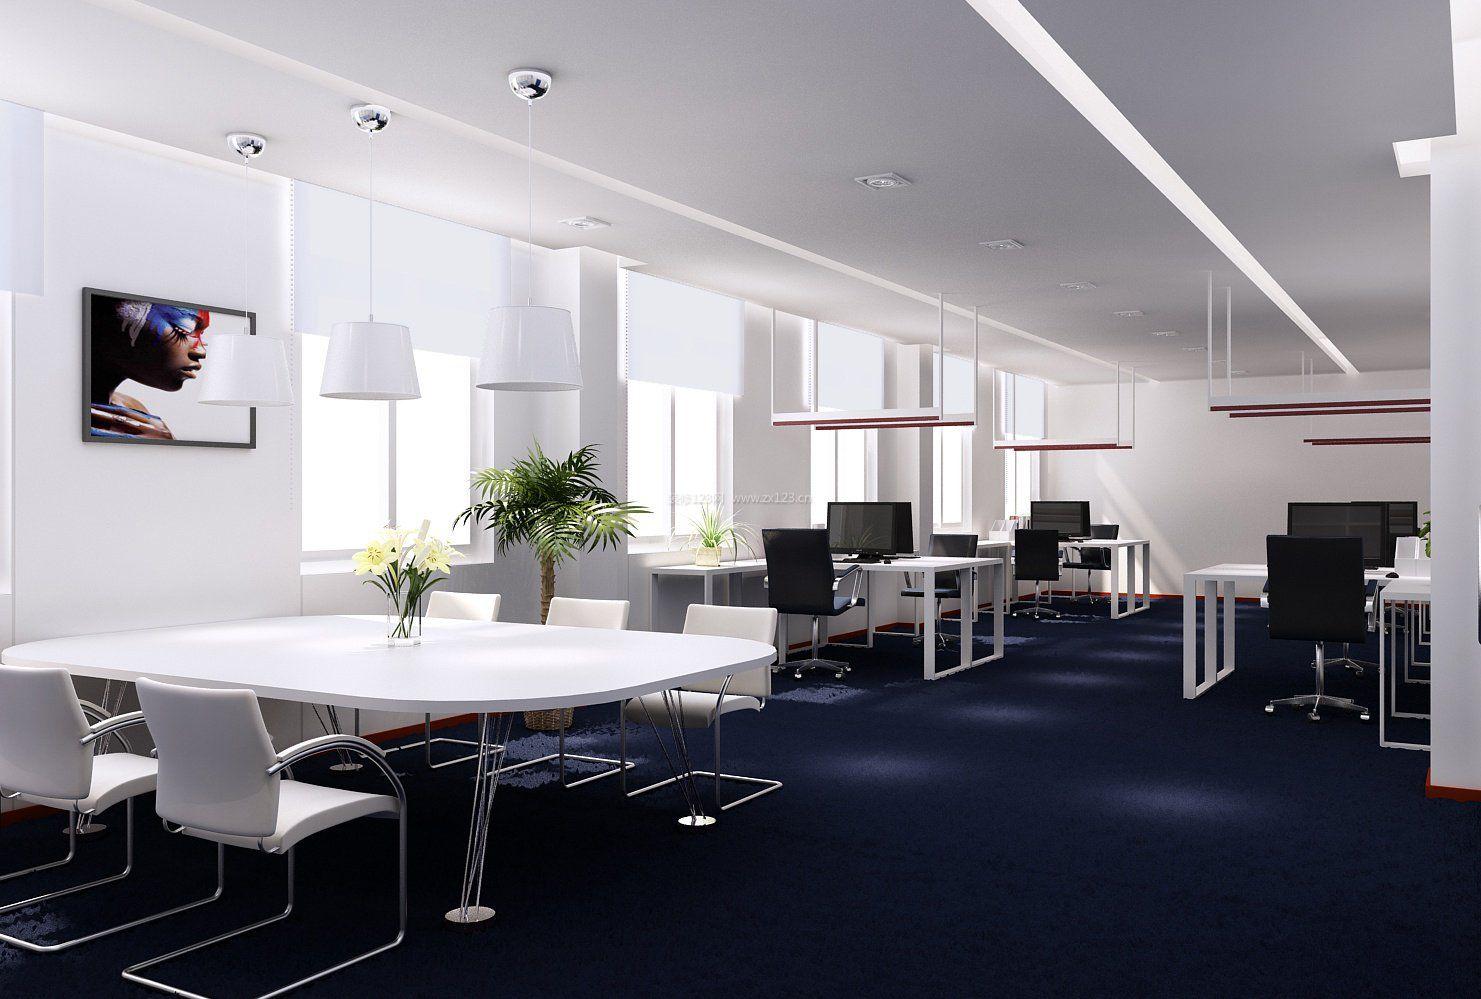 室内设计现代简约风格教师办公室布置效果图